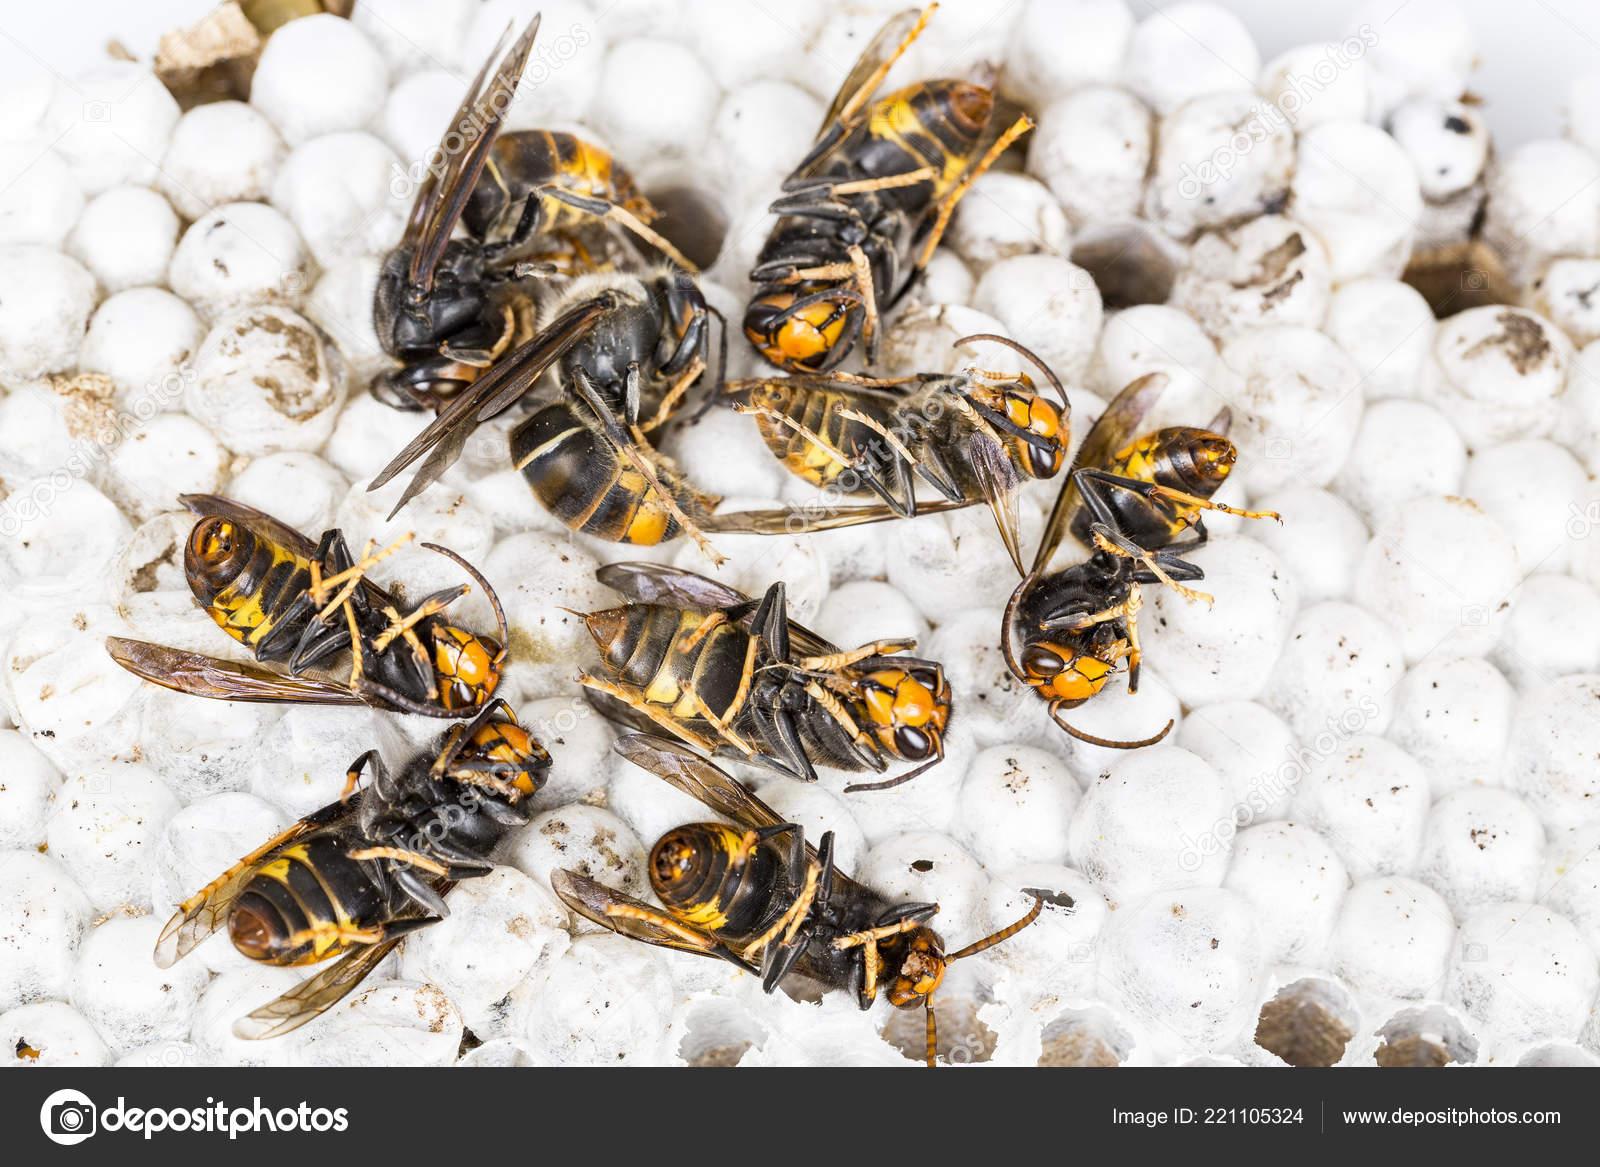 1ea2151dbd Chiuda in su della Vespa calabrone asiatico morto sul nido Nido d'ape  insetto macro. Colonia animale del veleno. Concetto di pericolo nella  natura — Foto di ...